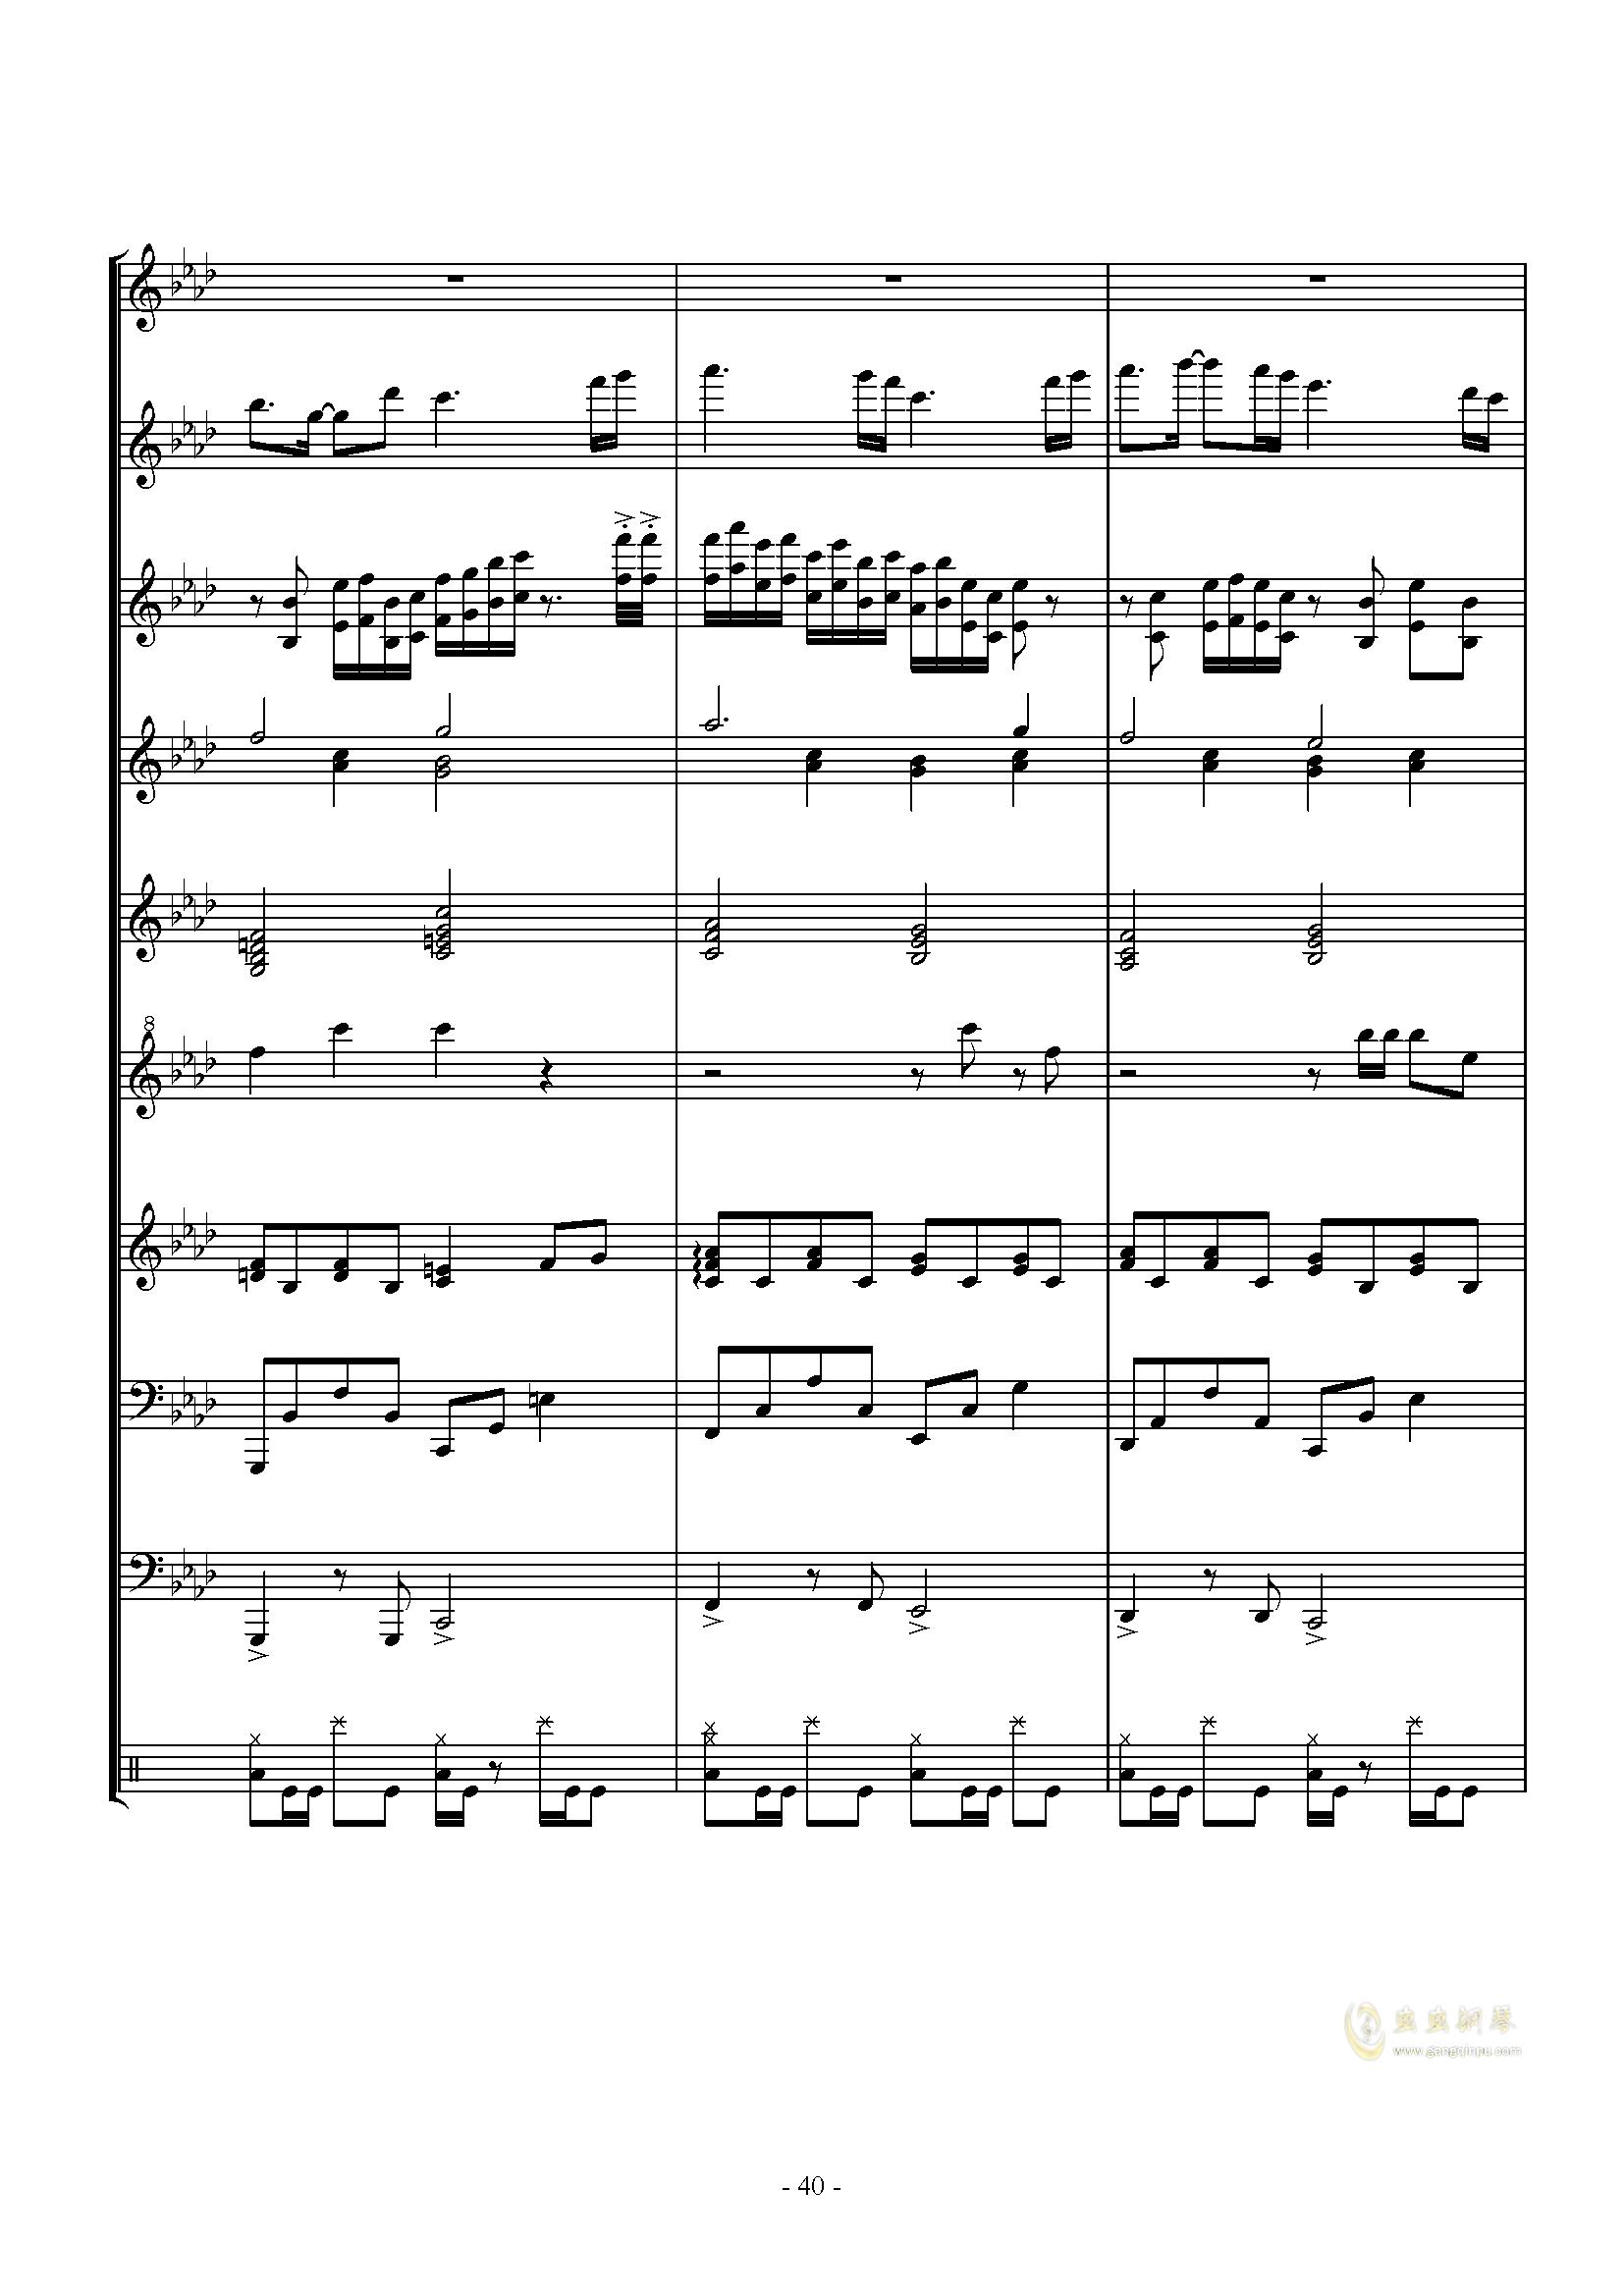 キミガタメ钢琴谱 第40页